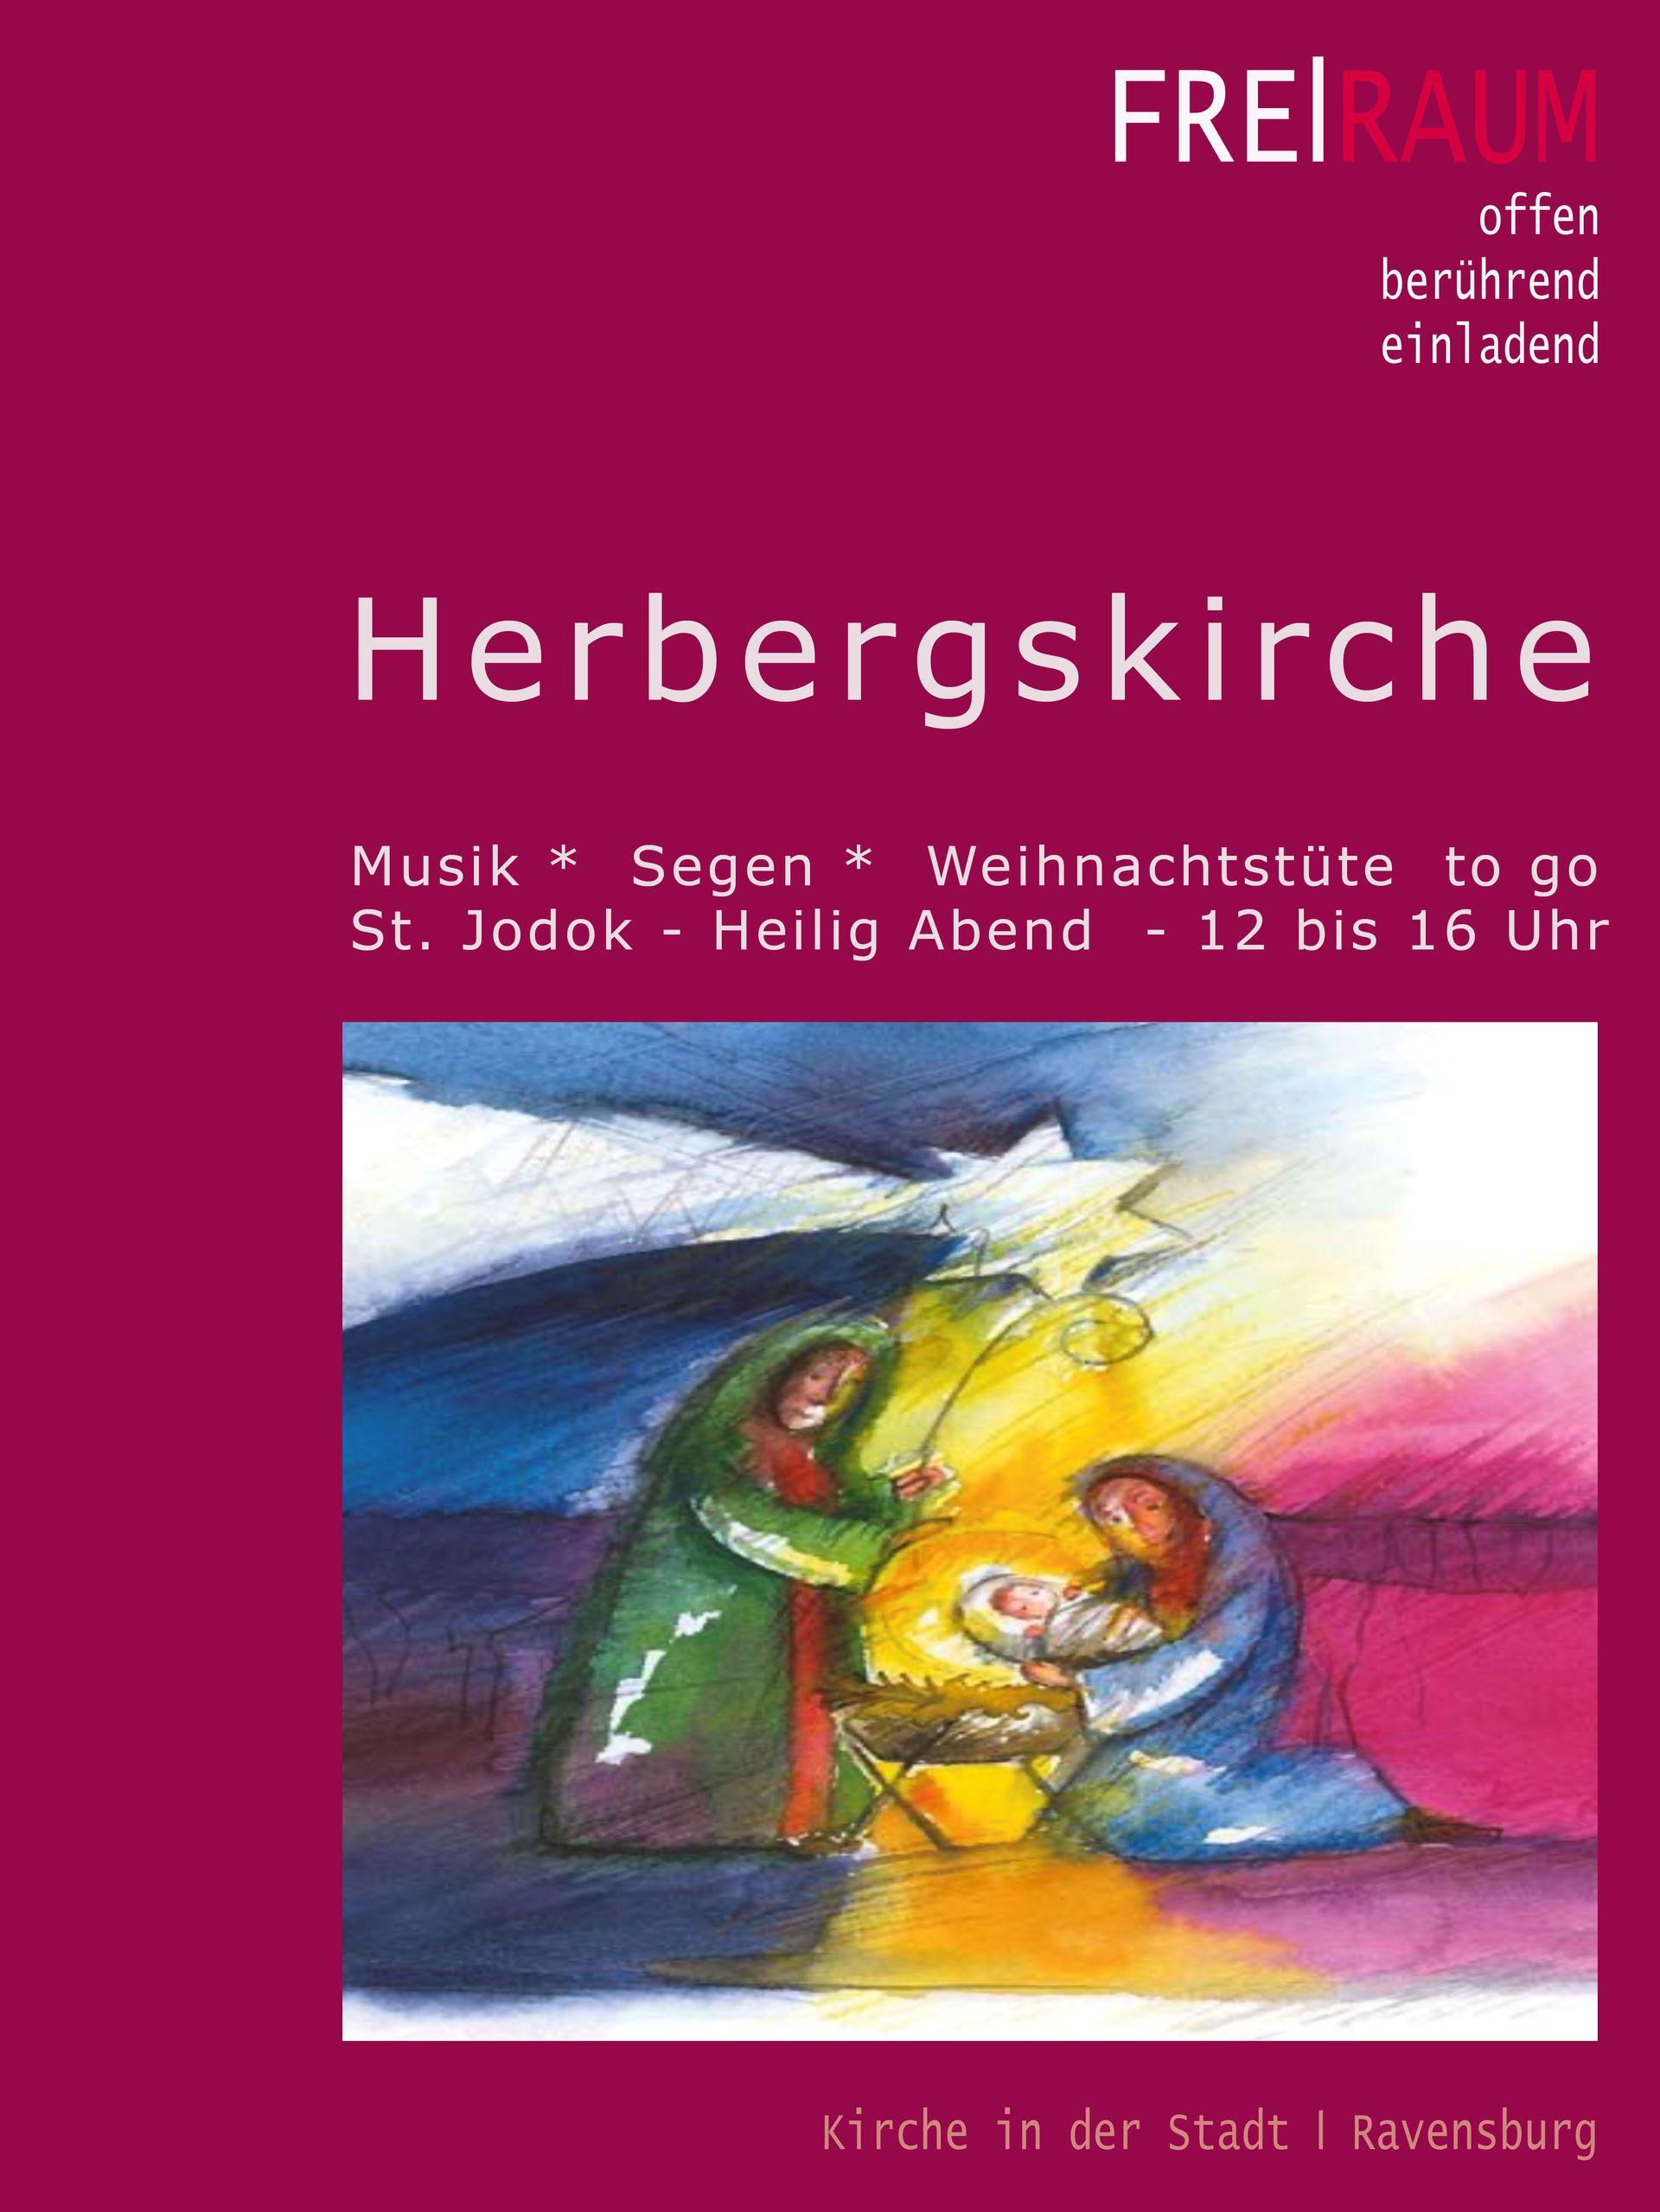 """Herbergskirche mit """"Imbiss to go"""" zum Weihnachtsfest"""